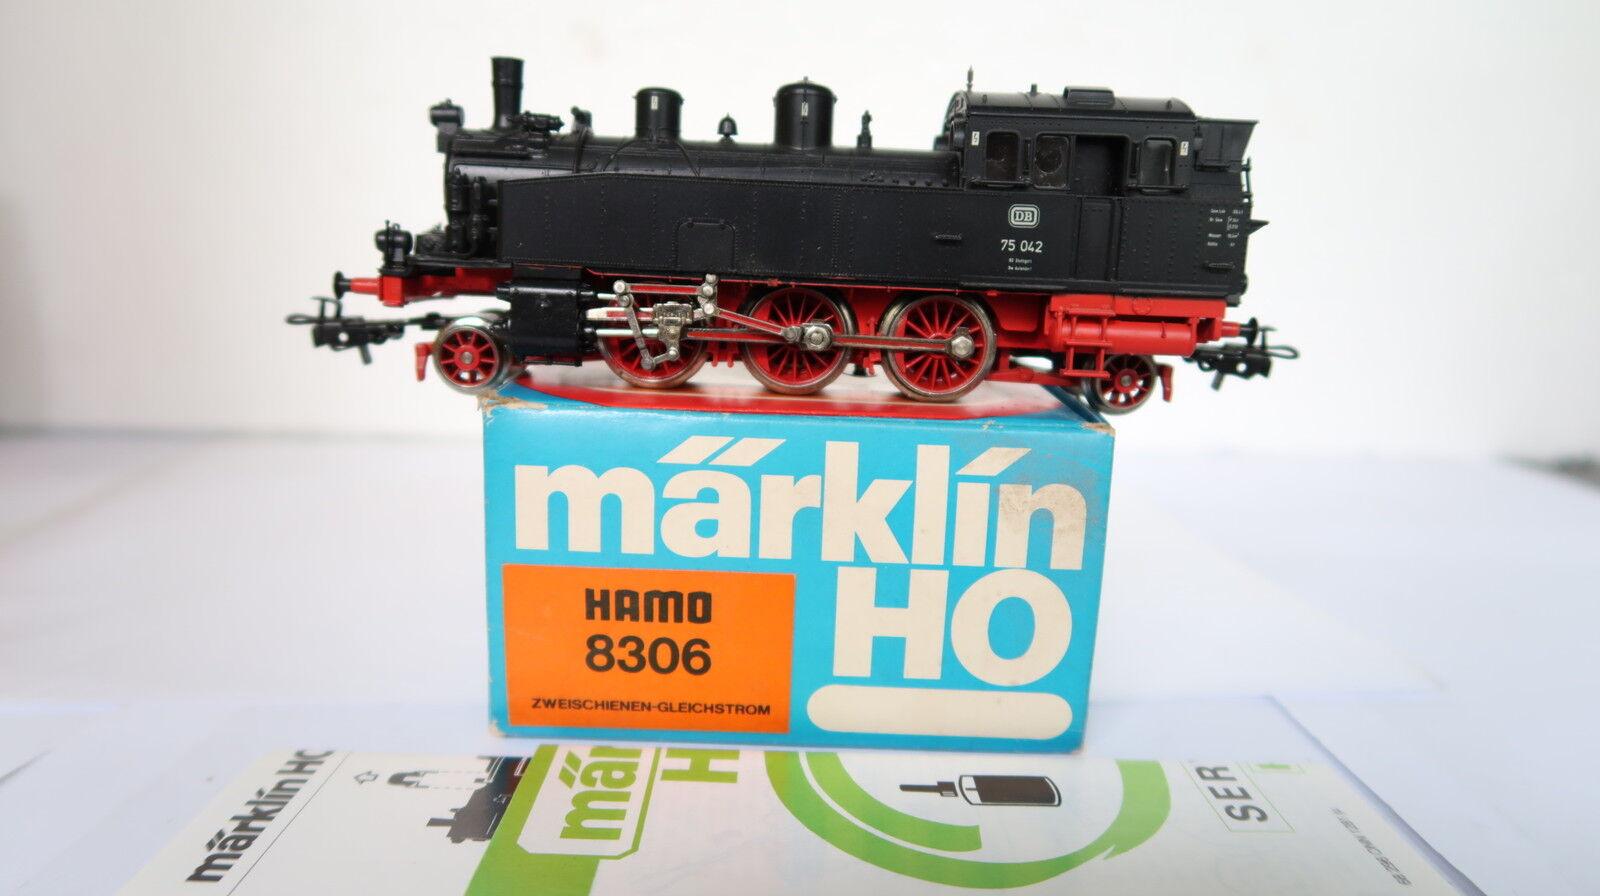 Märklin HO DC 8306 Dampf Dampf Dampf Lok BR 75 042 DB (CQ 437-39R7 15)  | Moderne und stilvolle Mode  a8ce3d